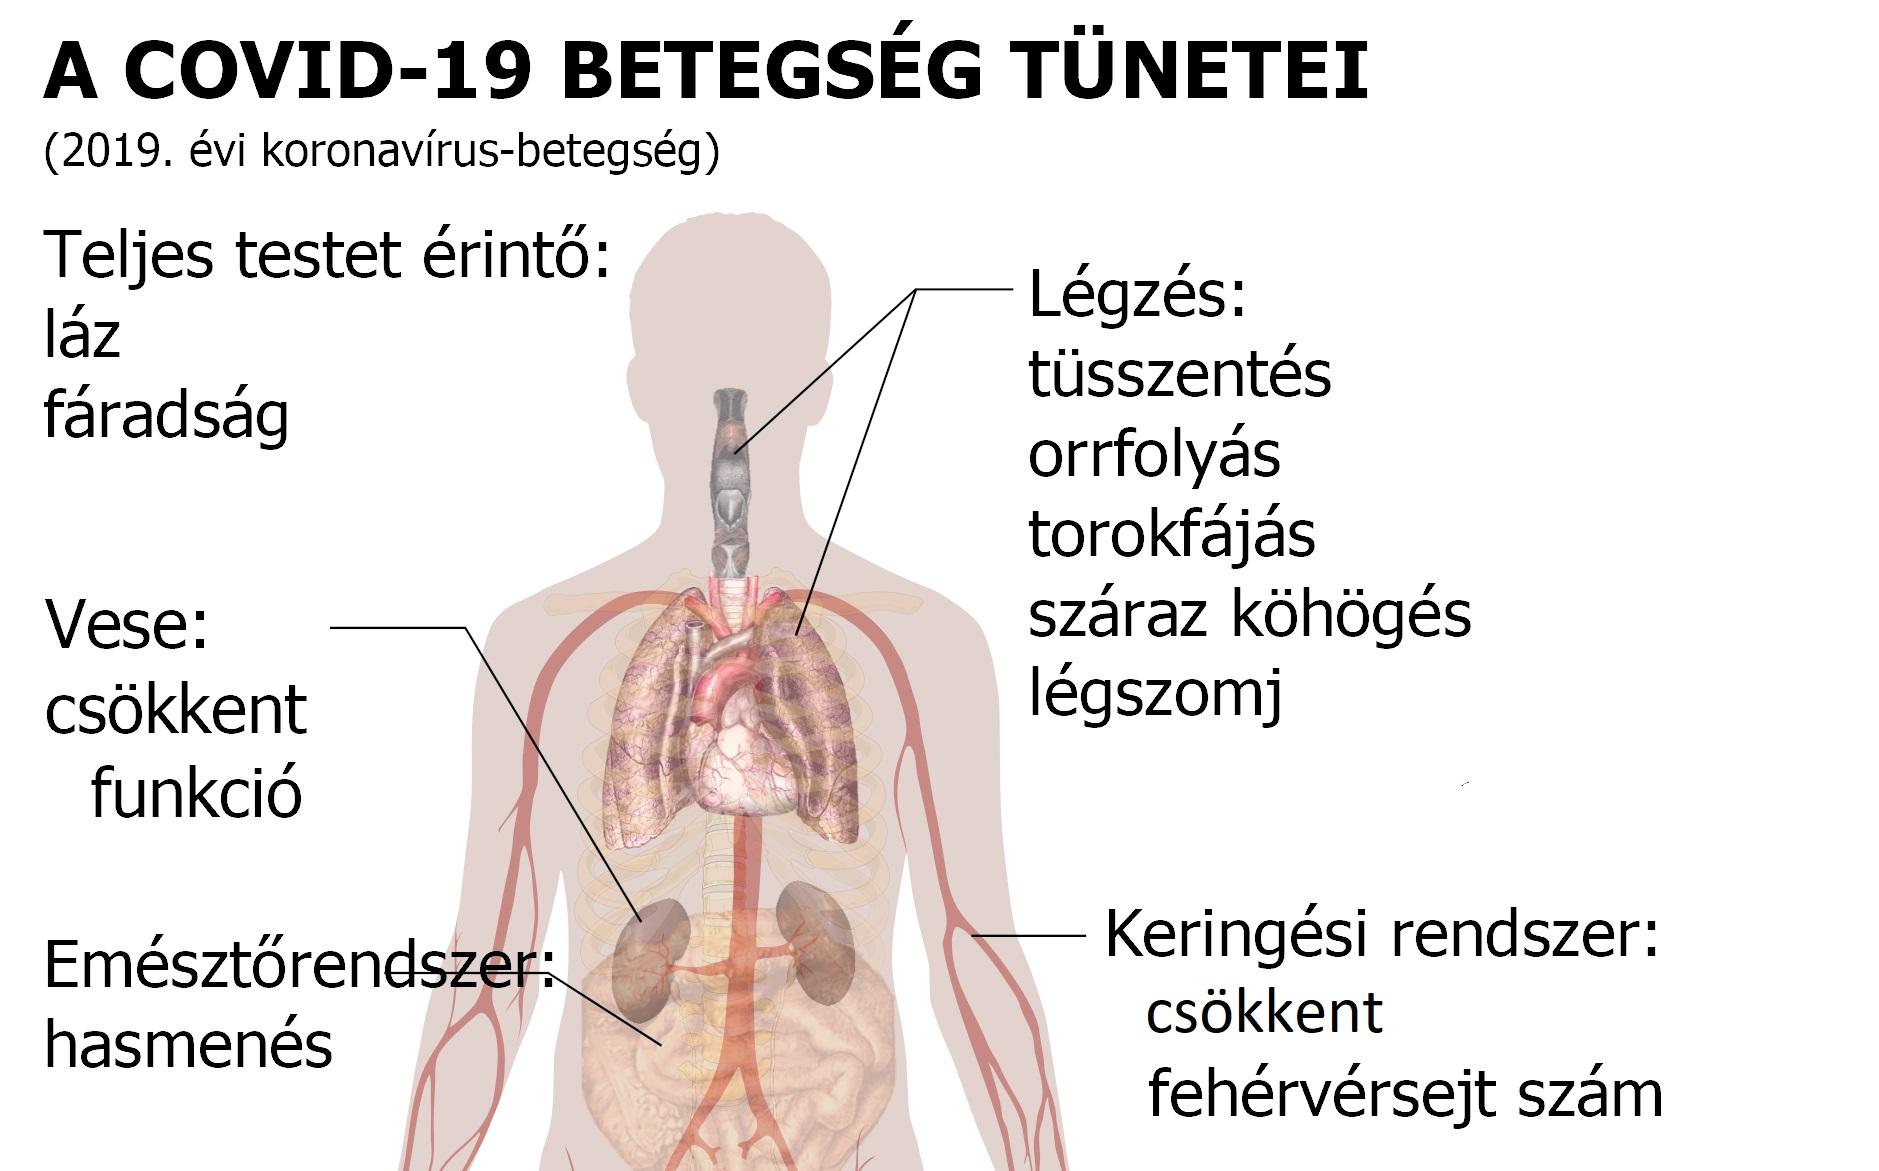 magas vérnyomás légzés visszatartása)